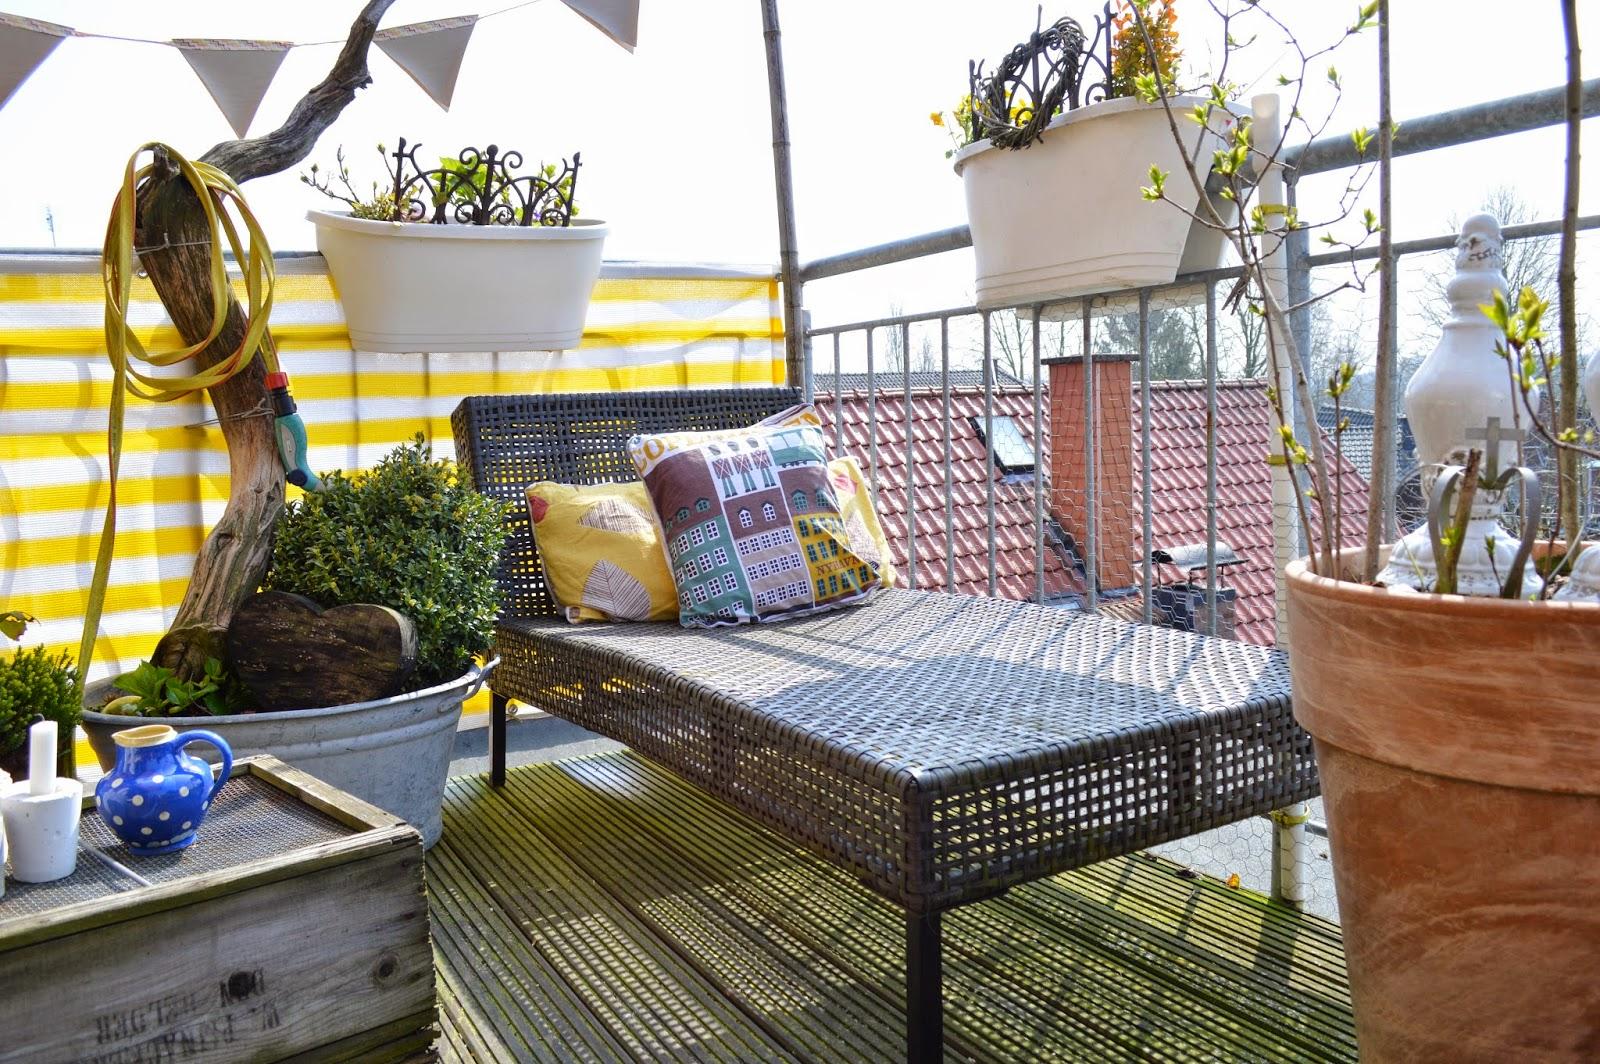 balkongestaltung, Gartenarbeit ideen